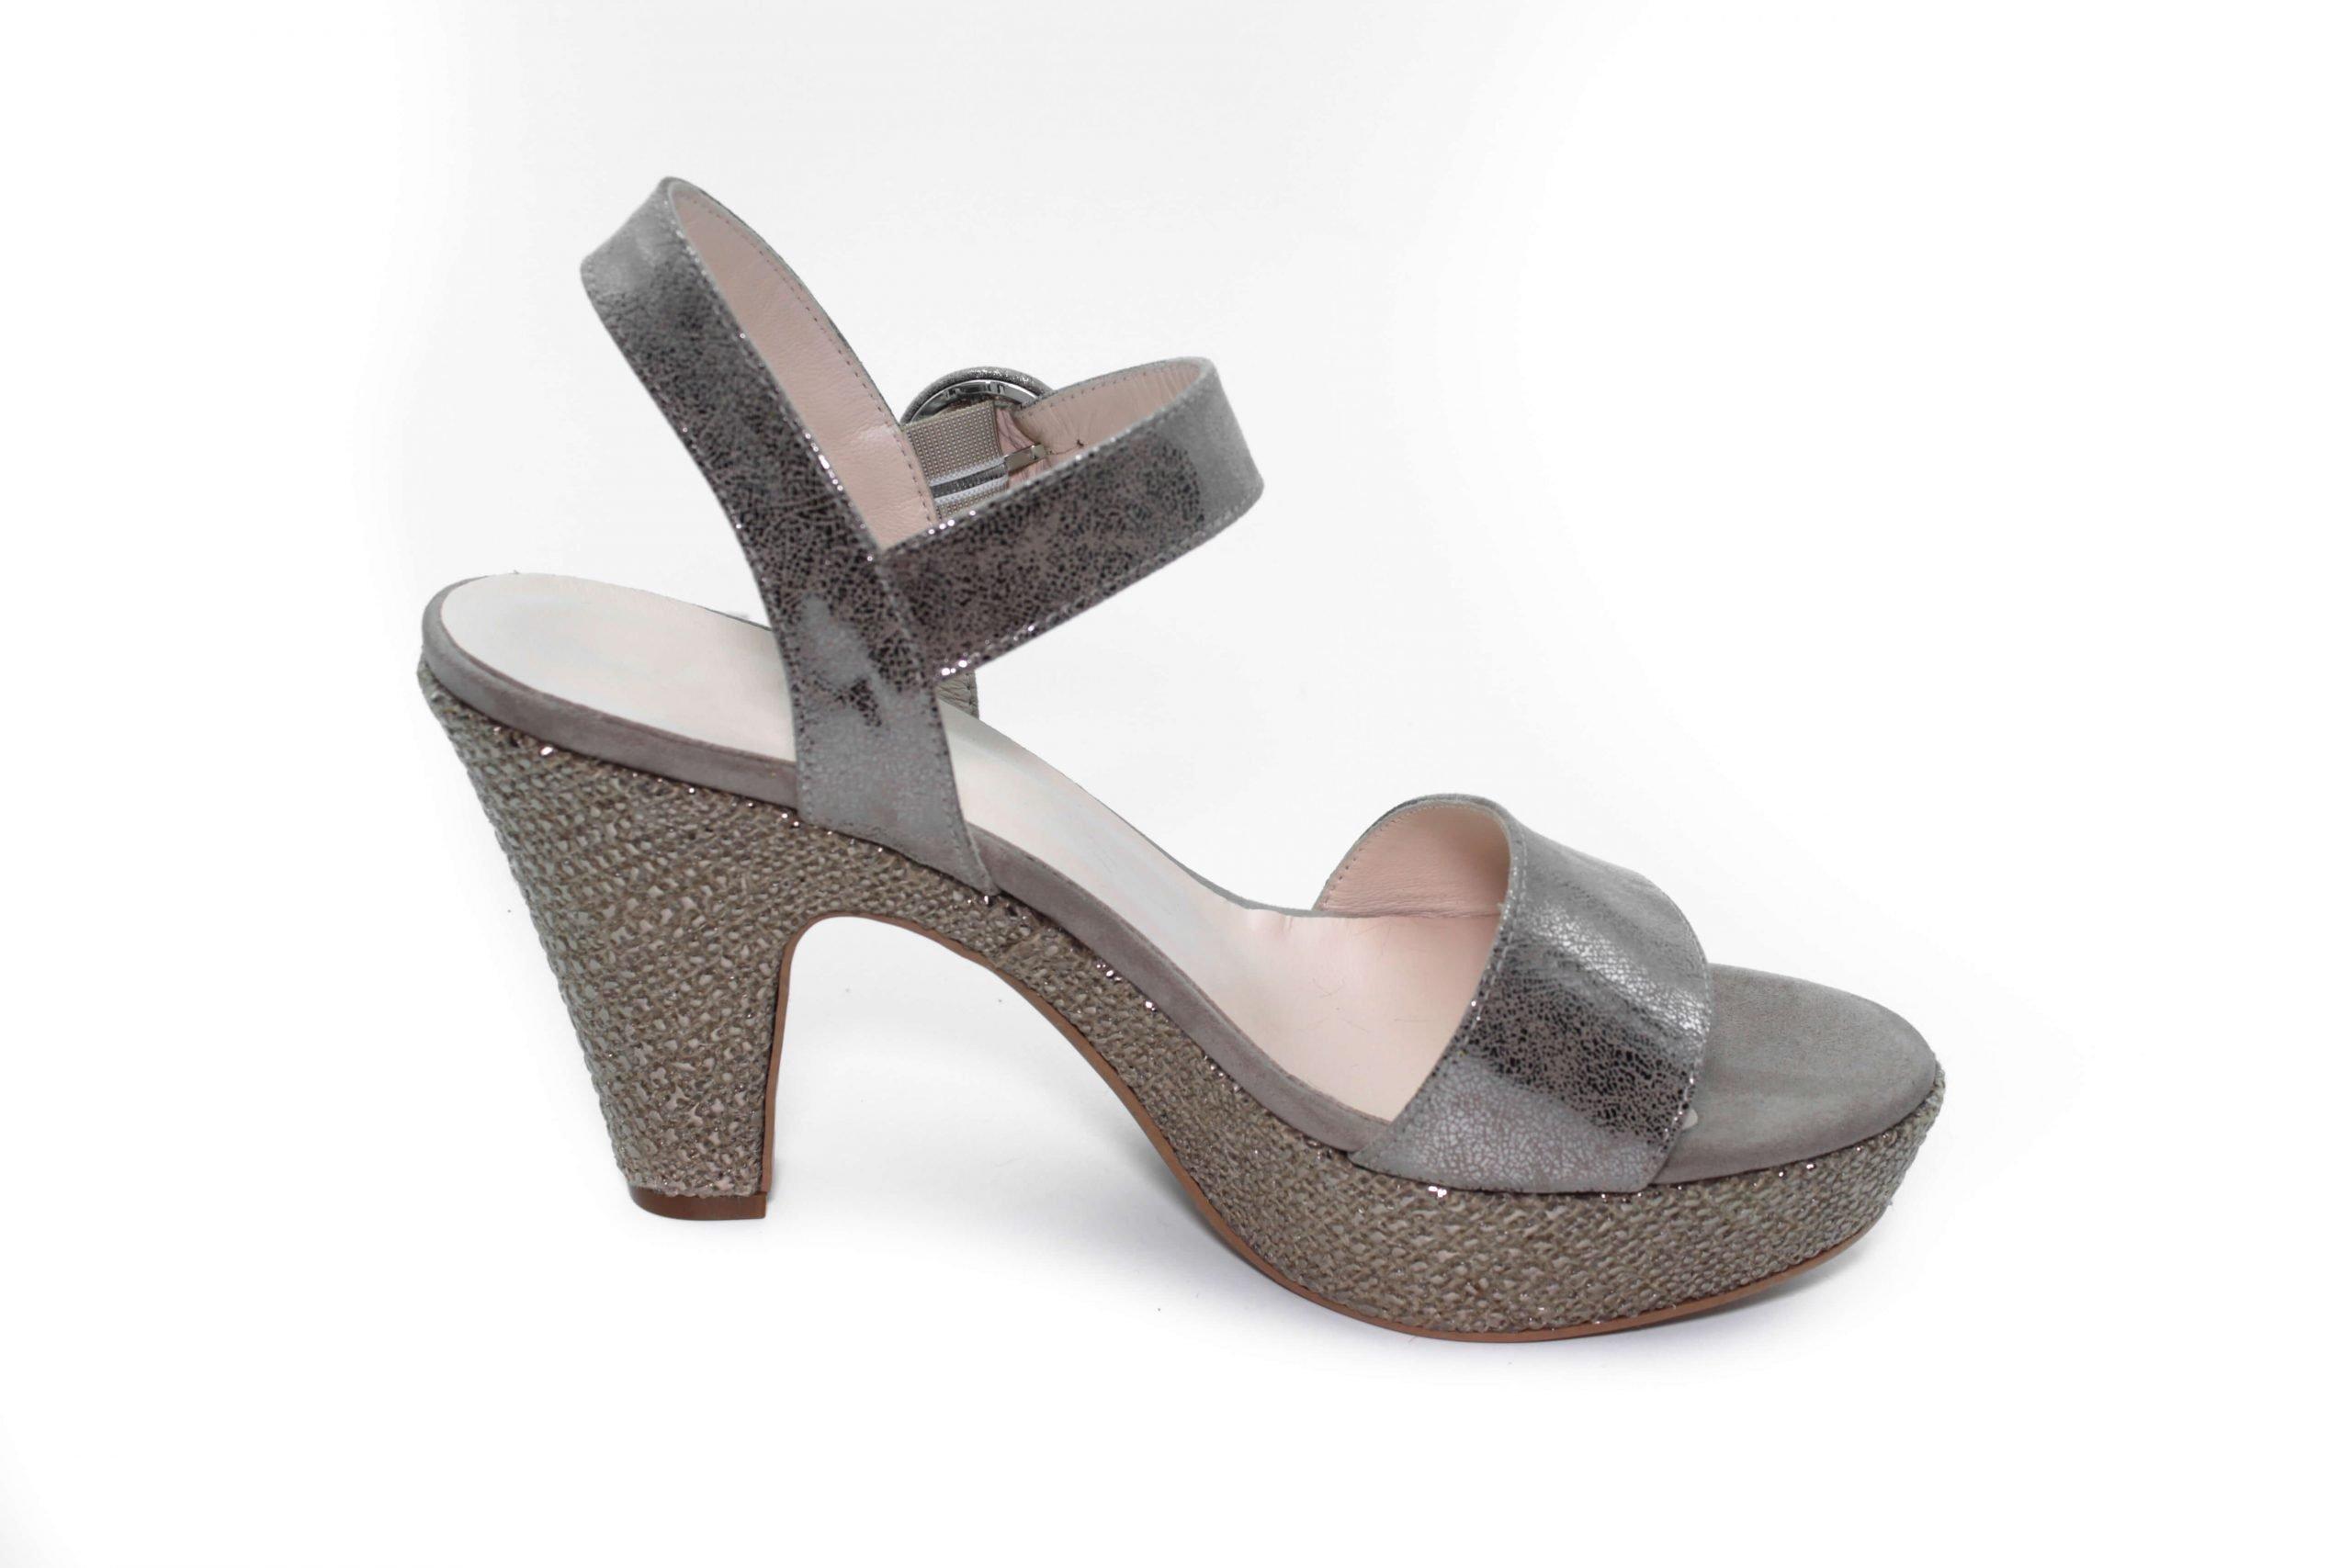 Maemi sandalo Classico tacco 80mm con cinturino regolabile – Tortora